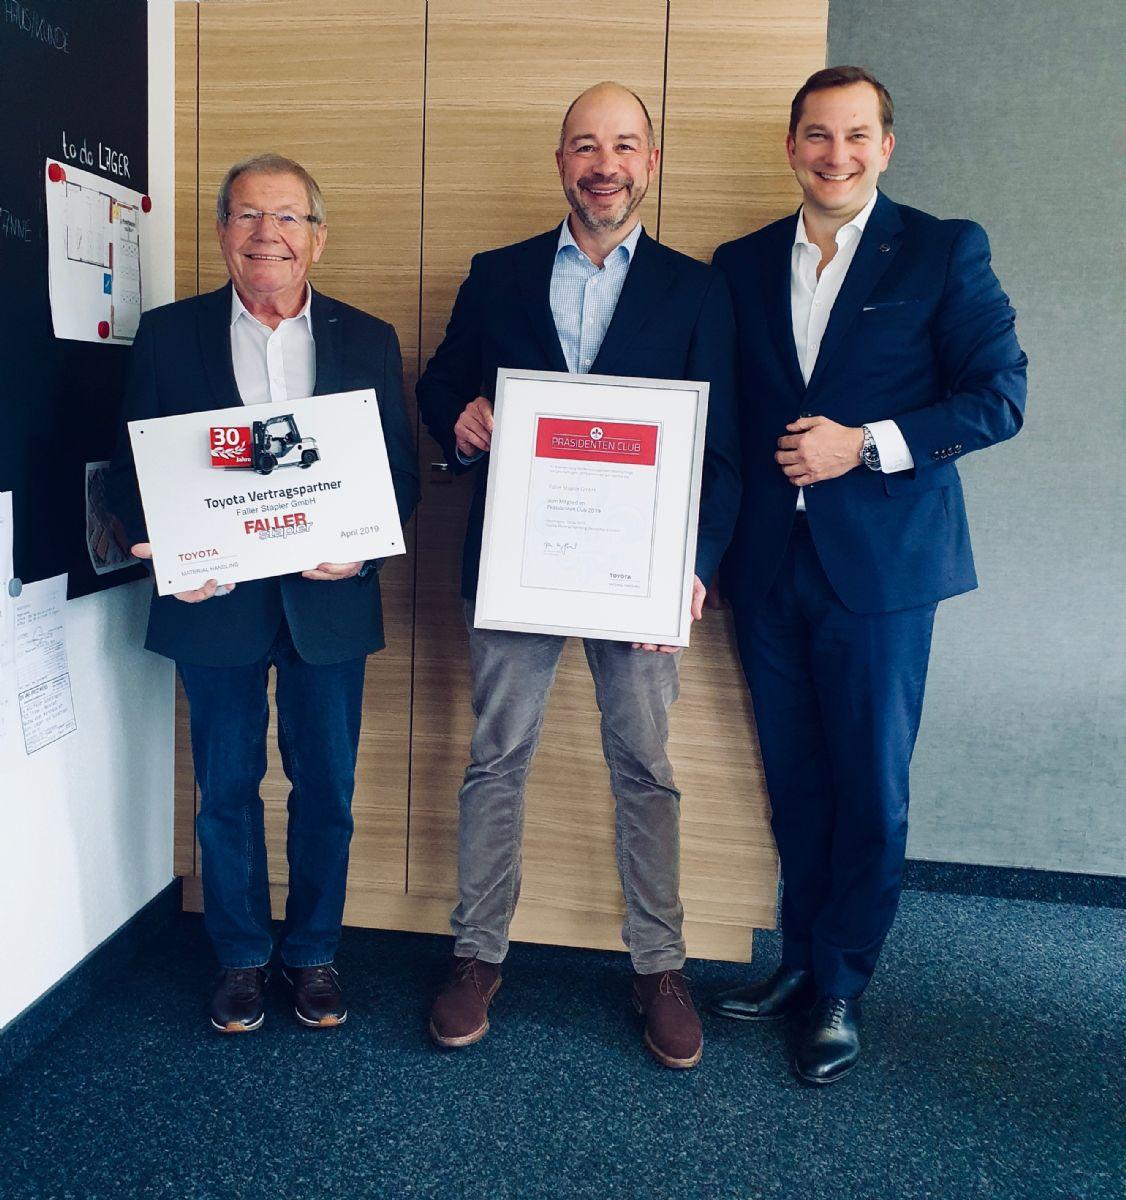 30 Jahre Partner: Toyota und Faller Stapler